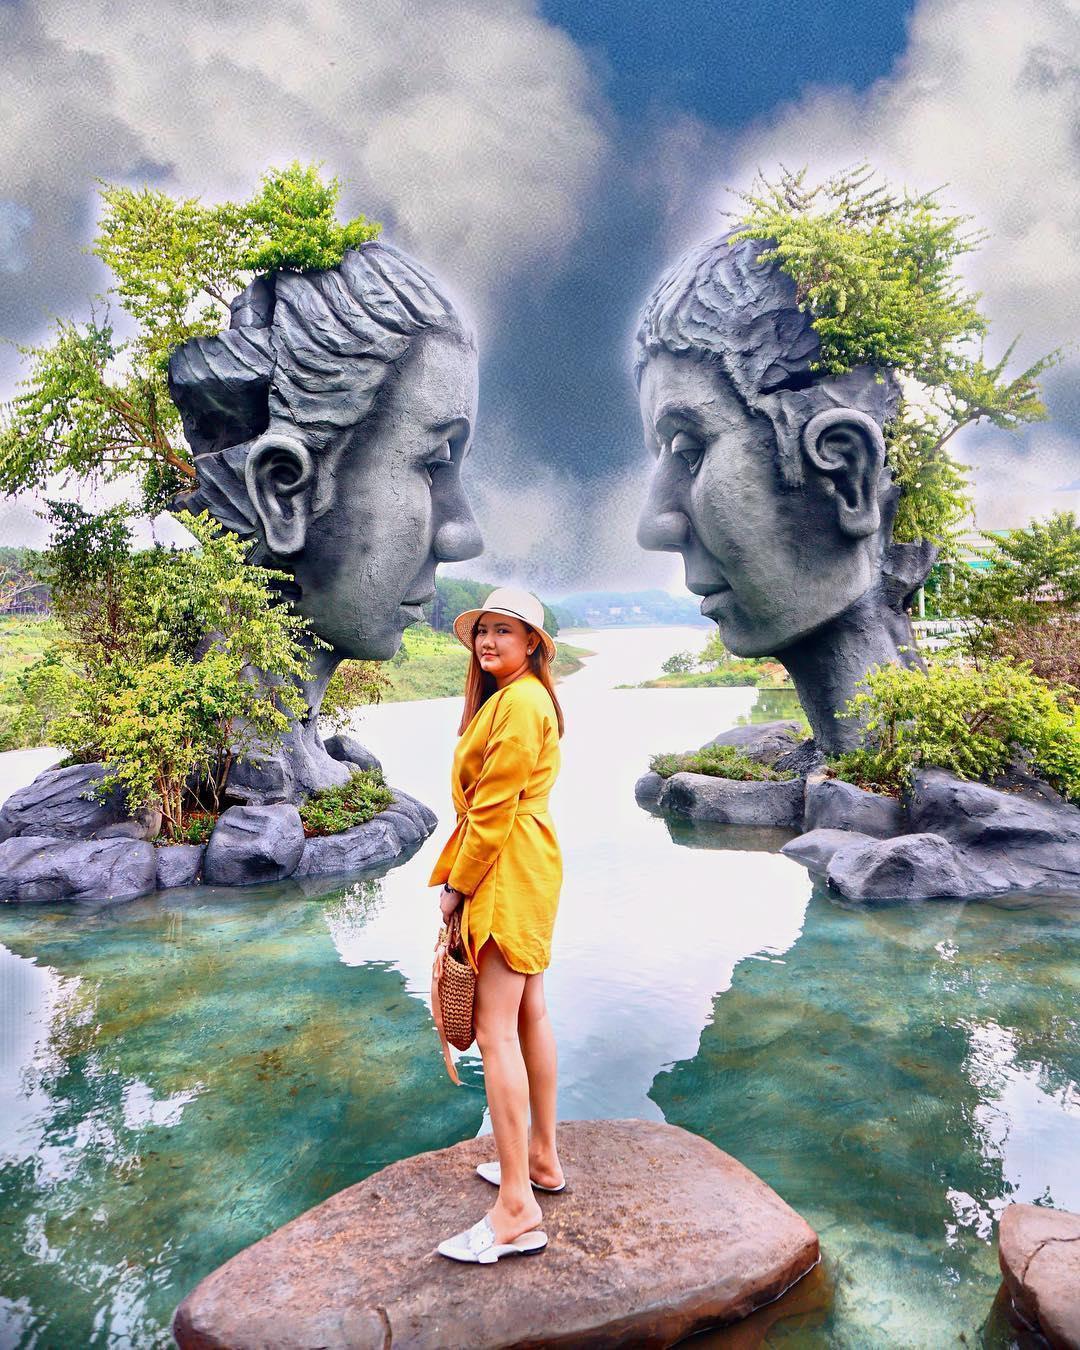 Dọc miền đất nước khám phá cảnh đẹp Ninh Bình, Huế, Đà Lạt Ảnh 14